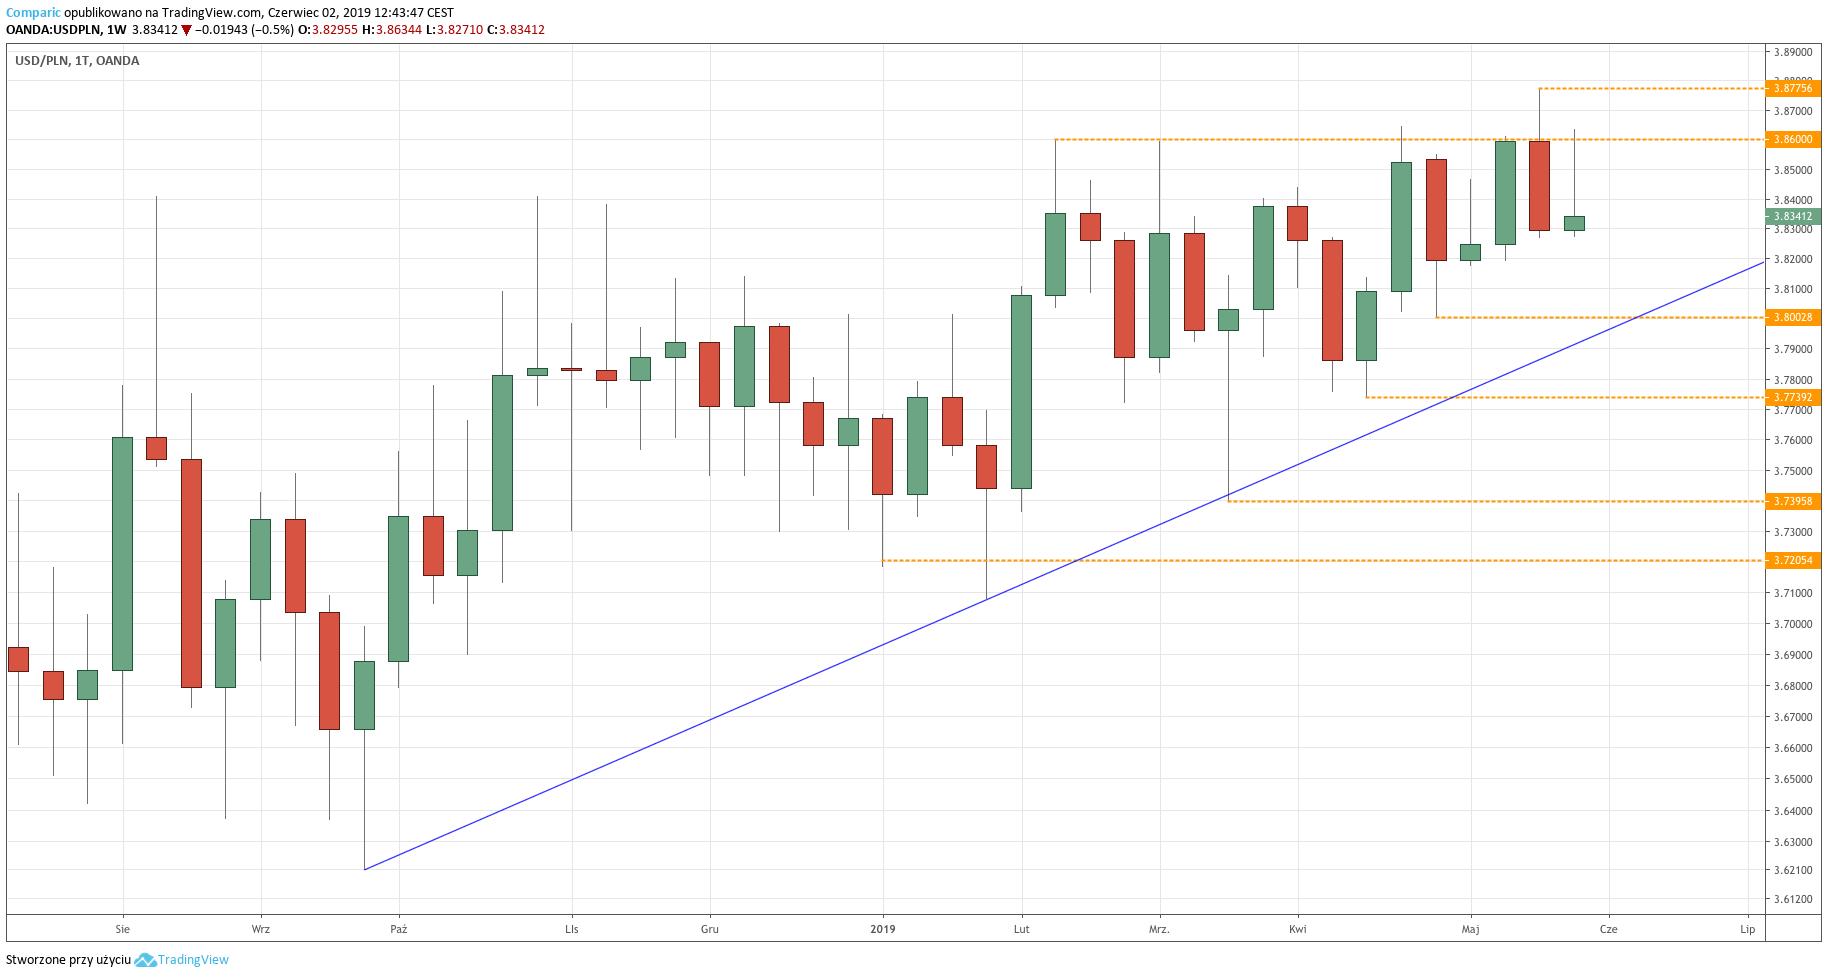 Kurs dolara do złotego (USD/PLN) - wykres tygodniowy - 2 czerwca 2019